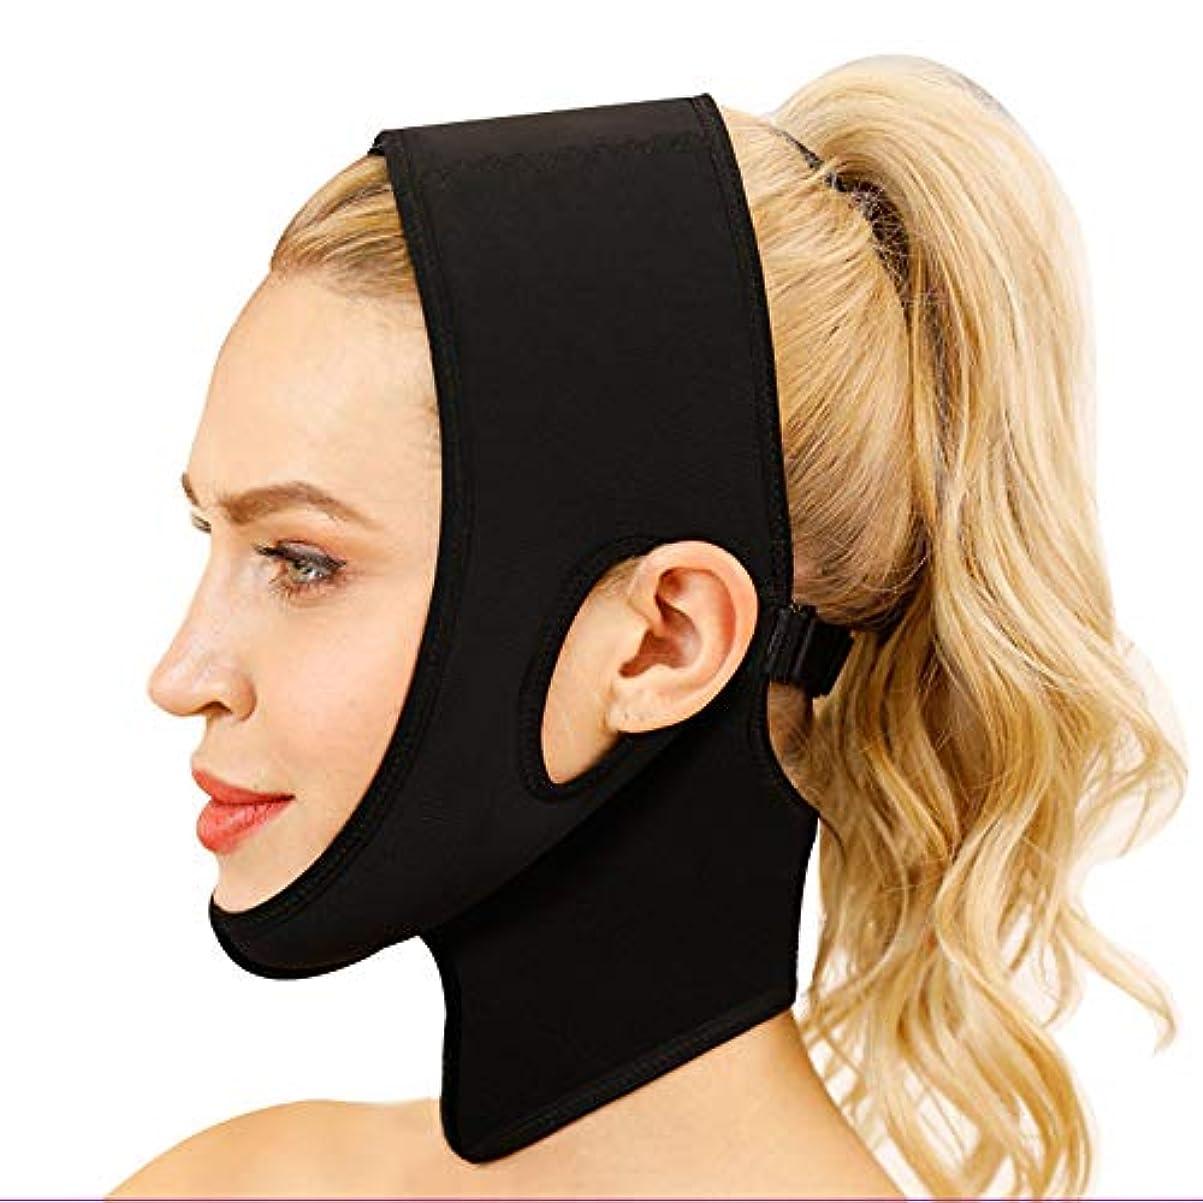 ひらめき増幅思いつくフェイスリフティングアーティファクト包帯、Vフェイスダブルチンリフティングフェイス引き締めストレッチ弾性成形ライン彫刻マスク(ブラック)